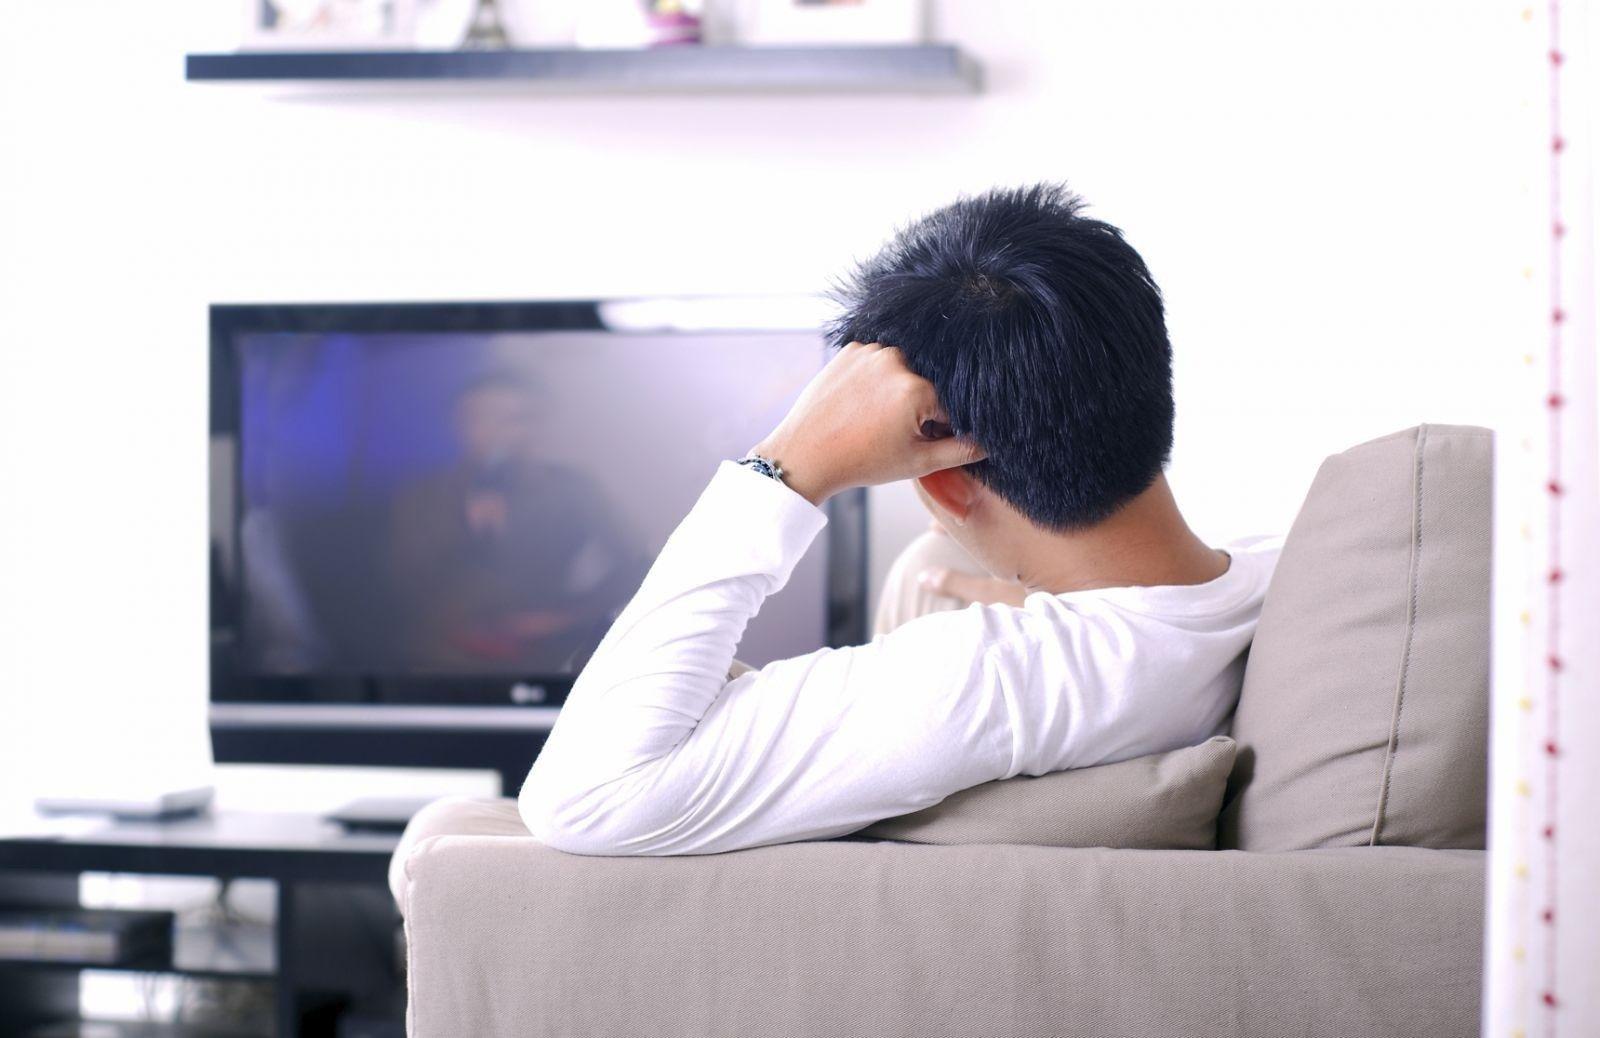 Ученые рассказали, чем опасен просмотр телевизора для мужчин